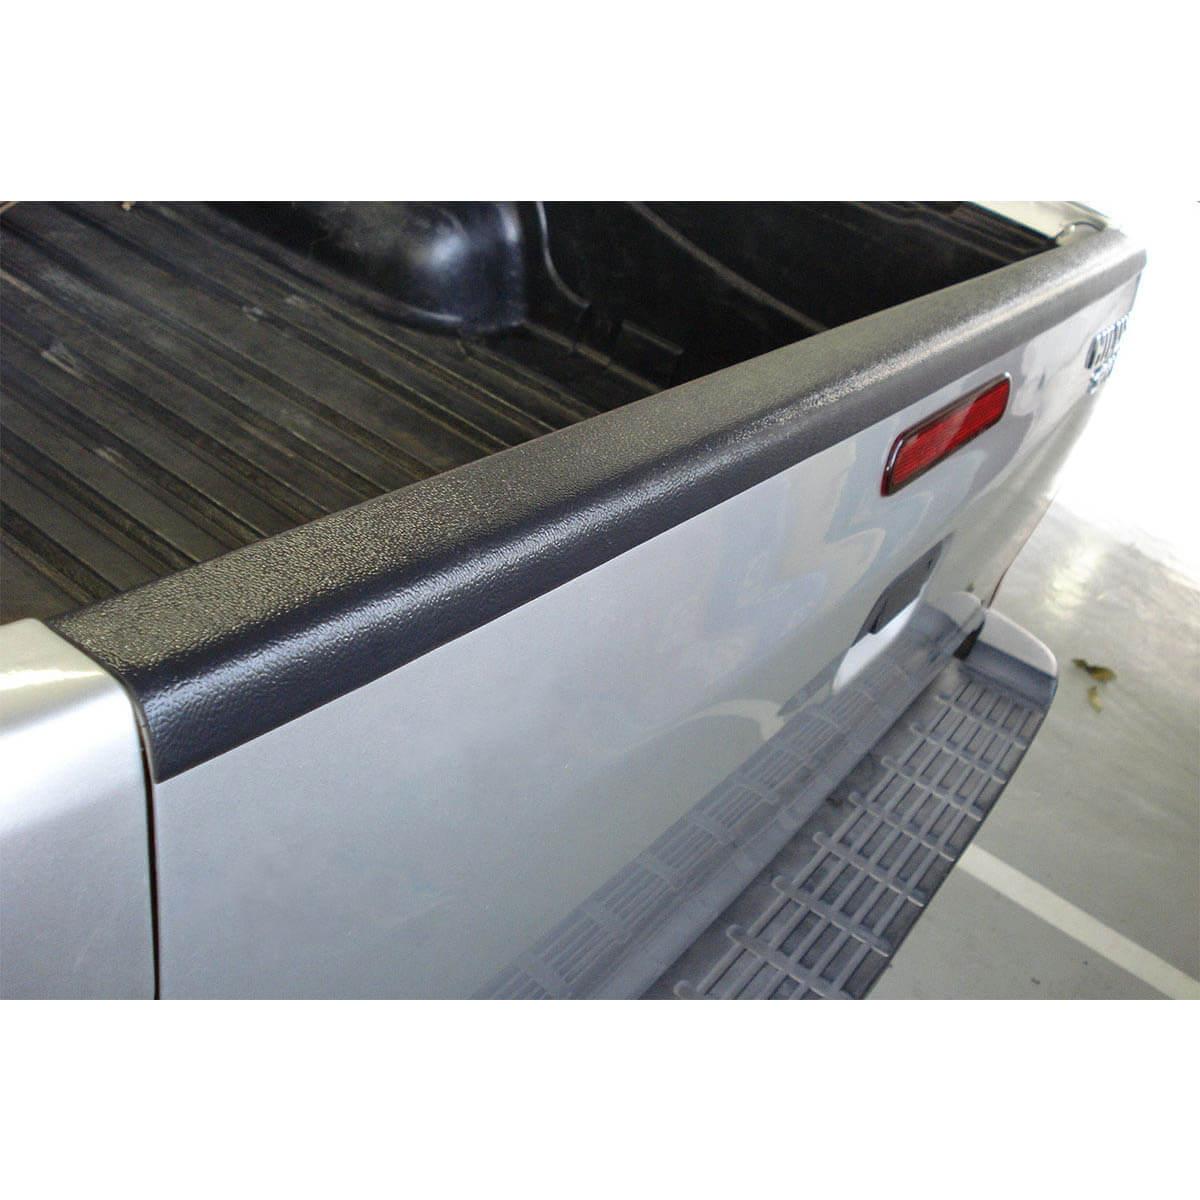 Protetor borda tampa caçamba L200 Triton 2012 a 2016 XB GL GLS GLX Outdoor MT Diesel